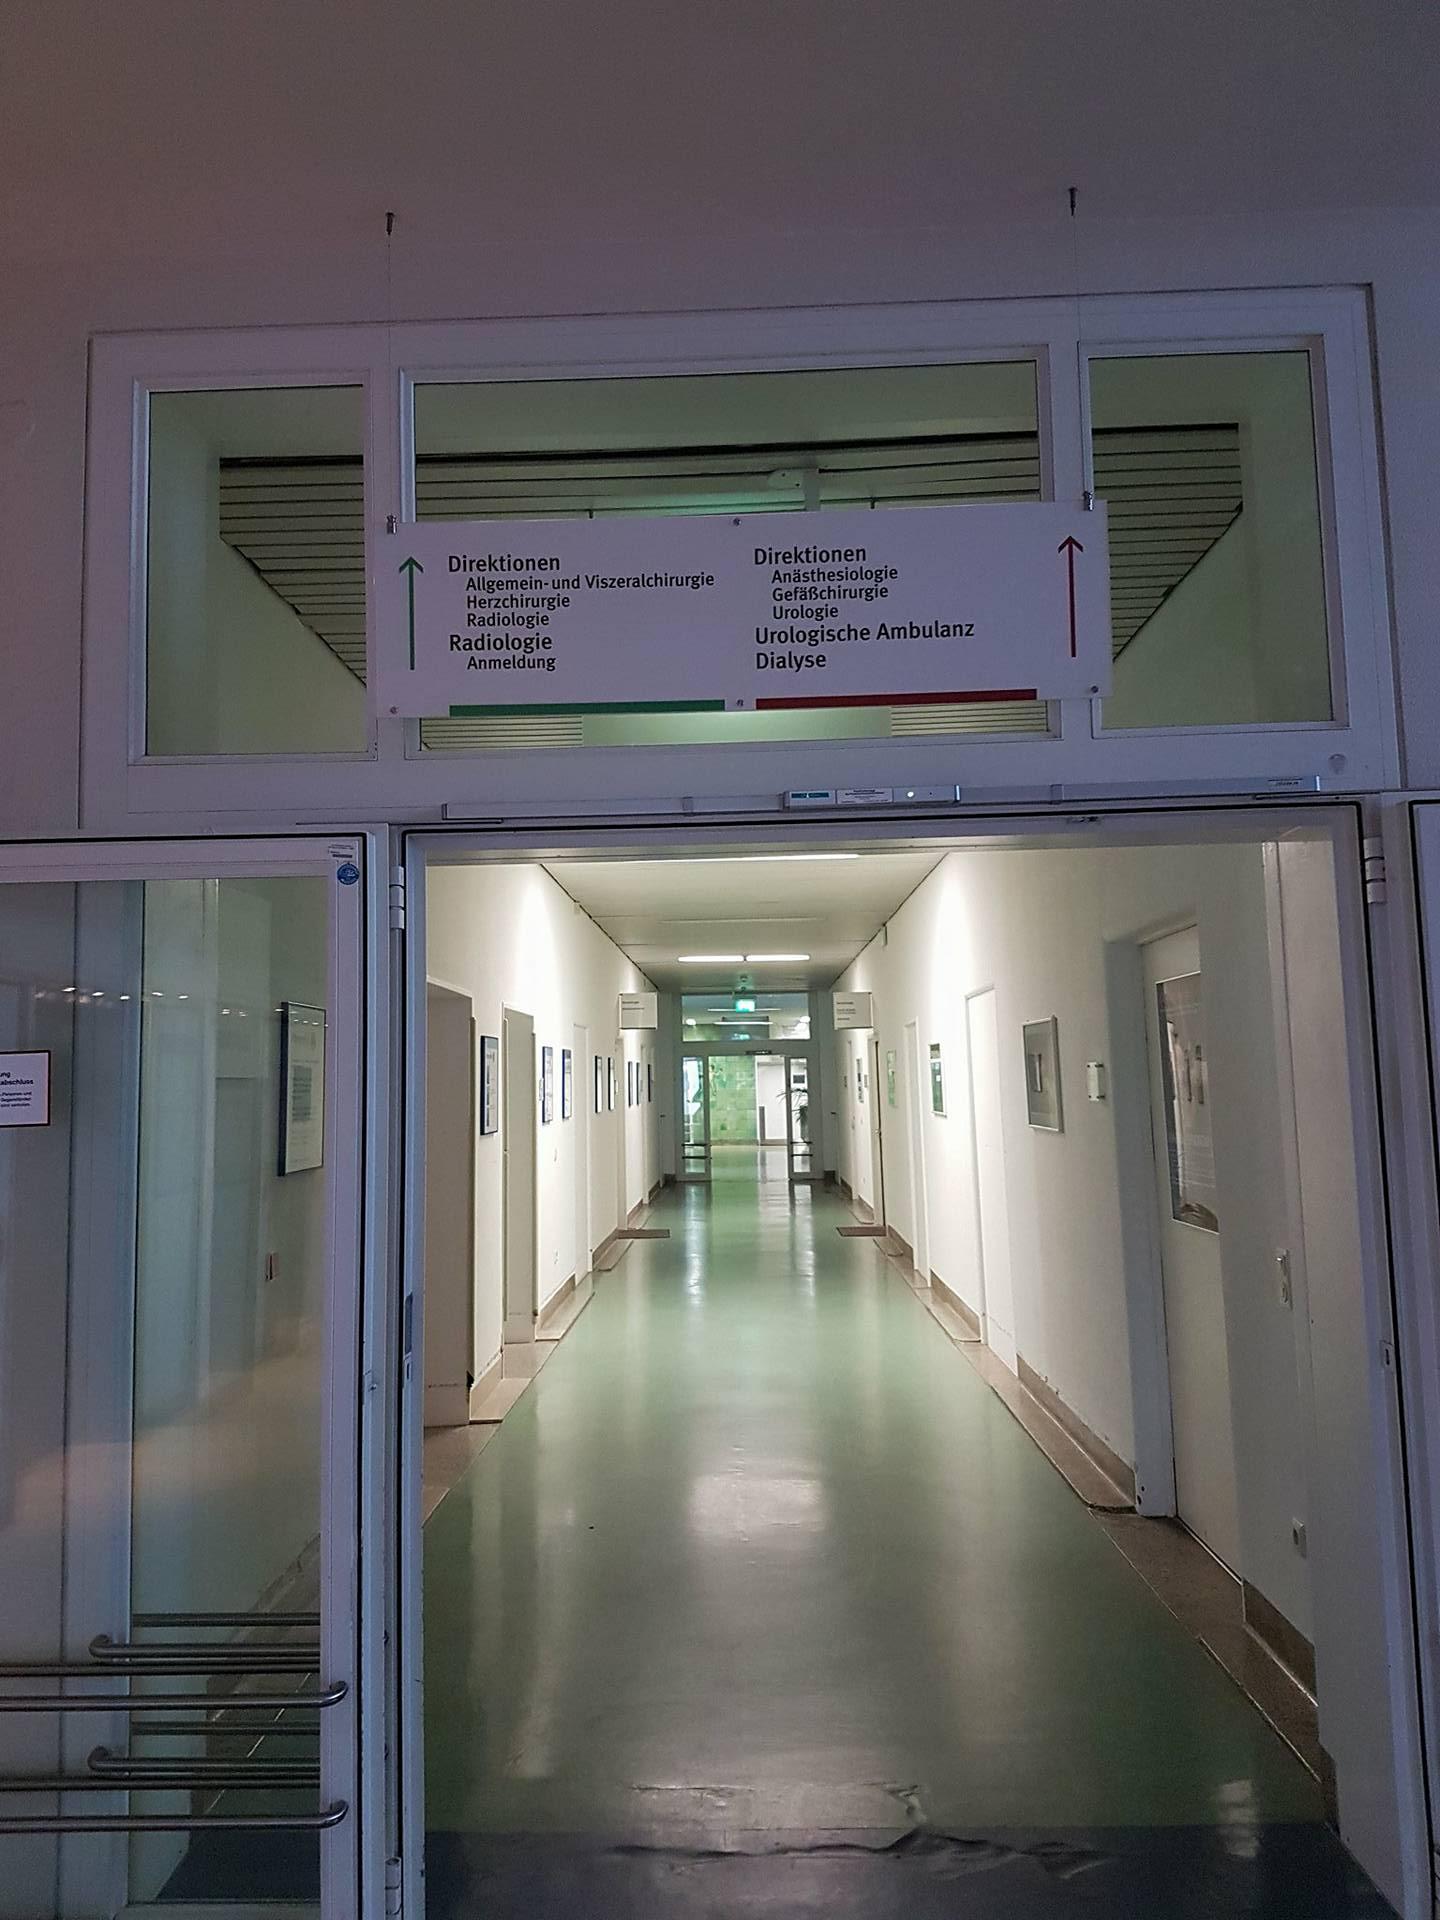 Ein Flur, wo ich als Kind, in der chirurgischen Klinik Heidelberg, viel gelaufen oder im Rollstuhl gefahren bin. In jeder Ecke steckt Erinnerung!